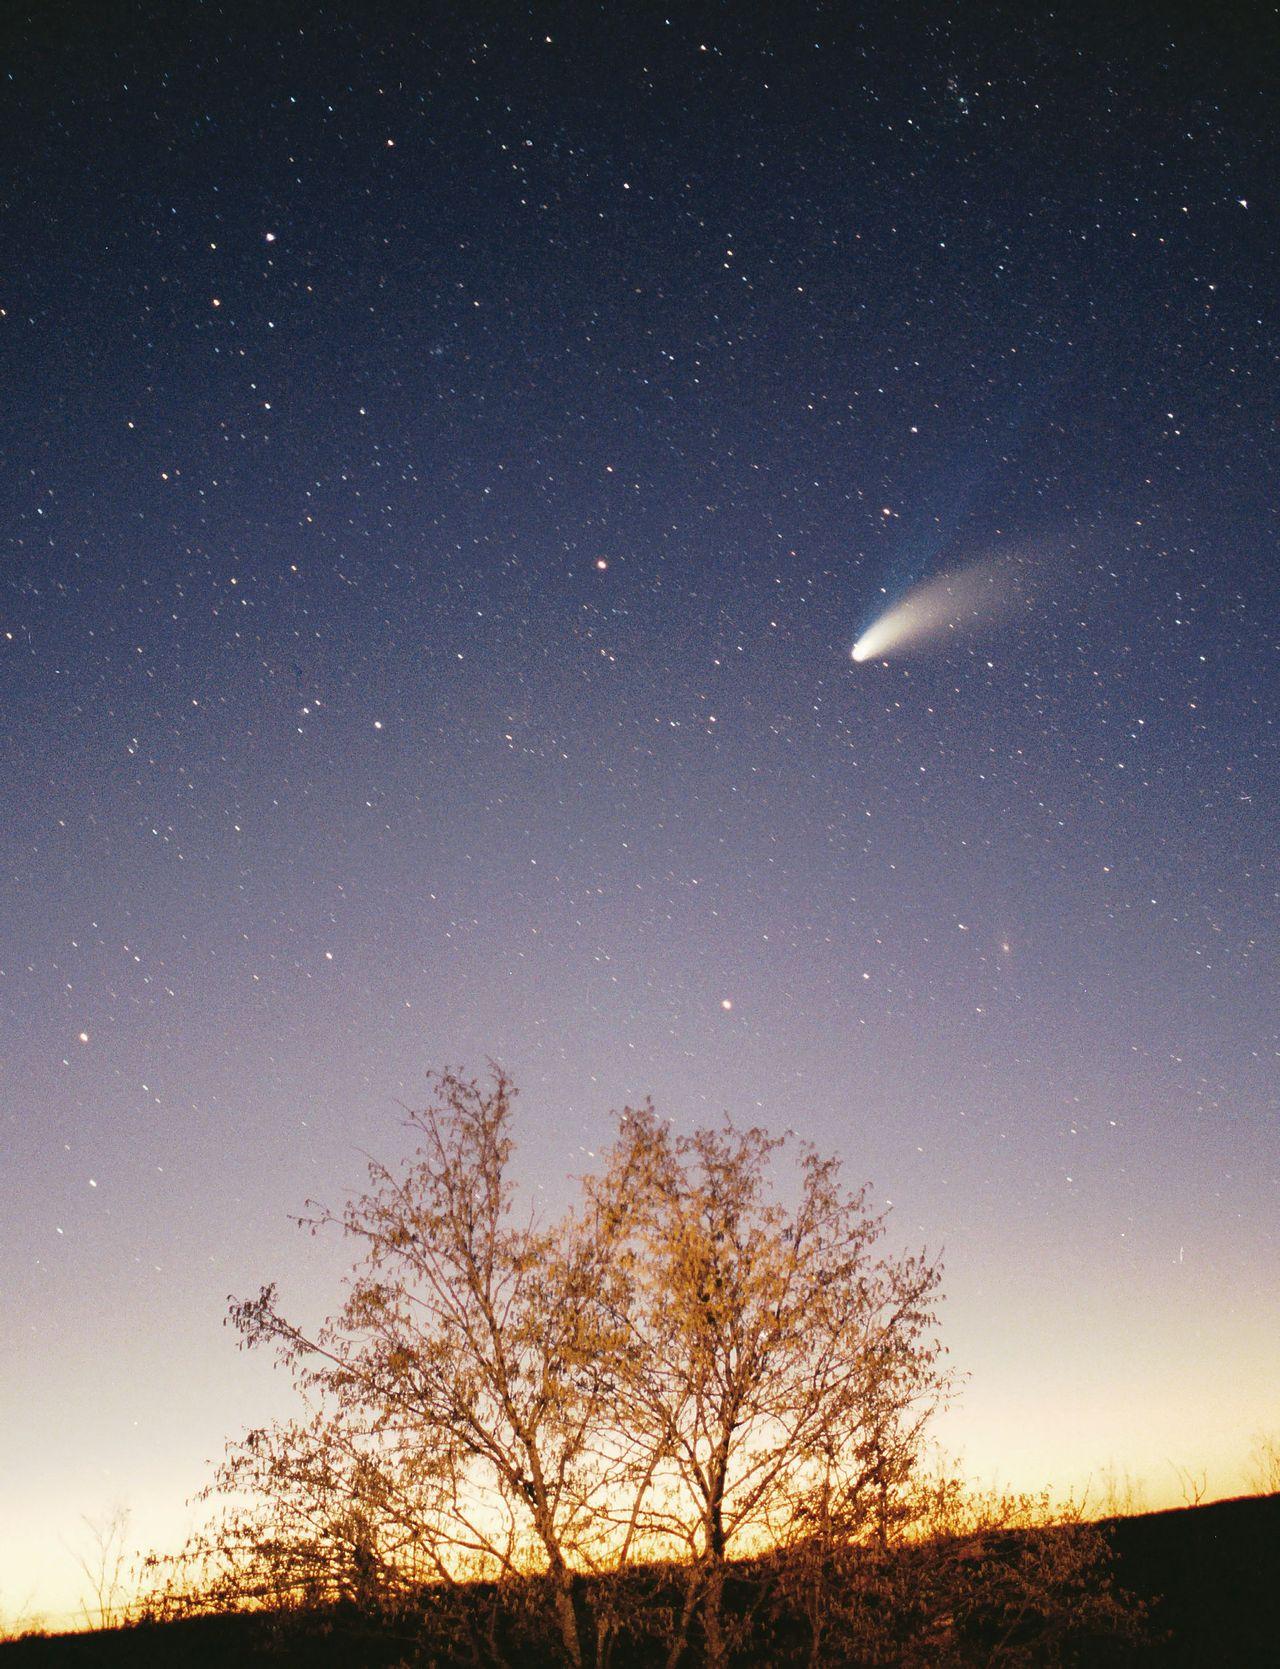 Ja som mal za život možnosť vidieť jednu kométu voľným okom a myslím, že to bola táto – Hale-Bopp komáta v roku 1997.